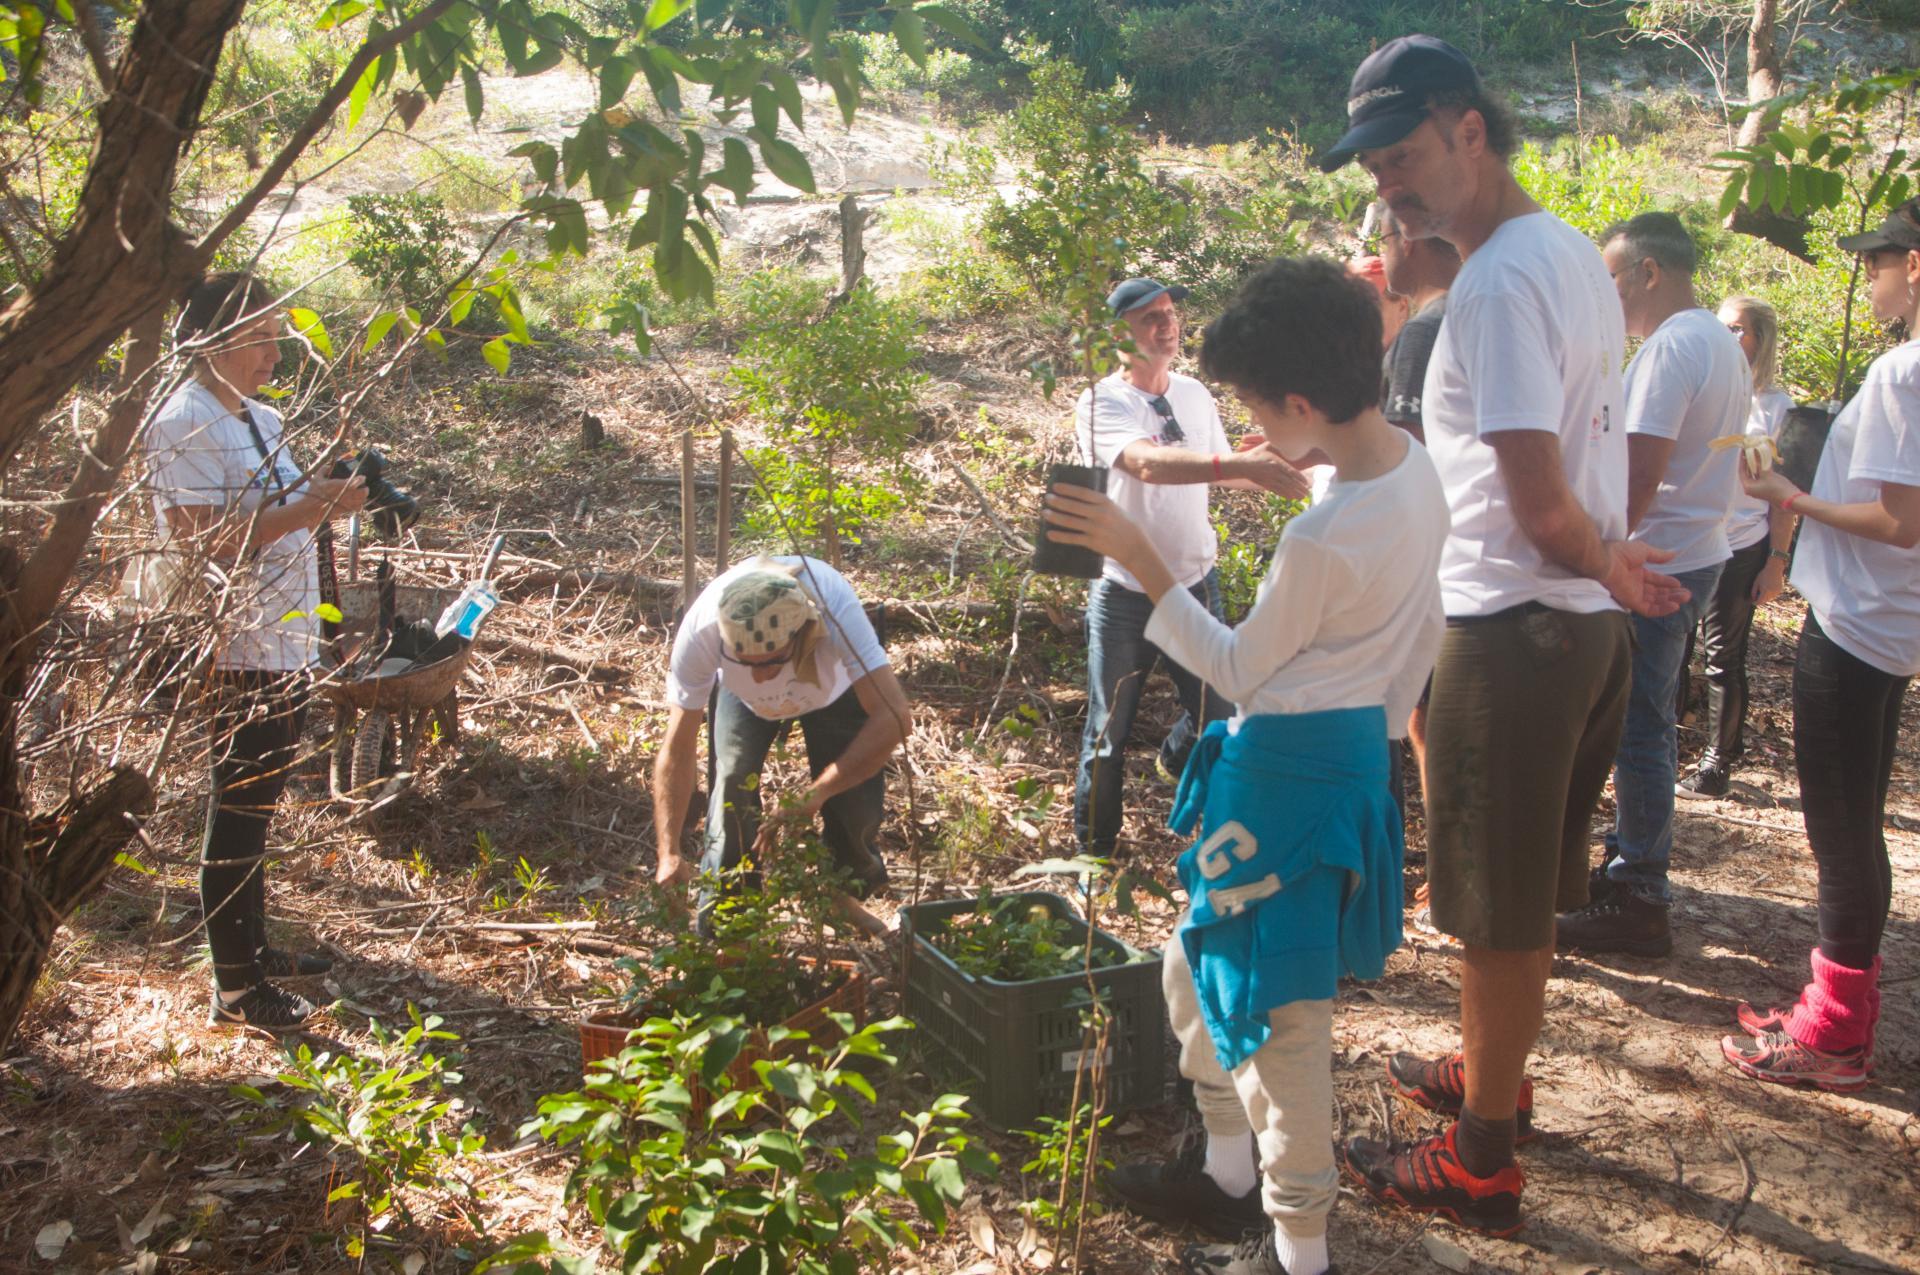 Gemeinschaftsaktion zum Erhalt der Mata Atlantica